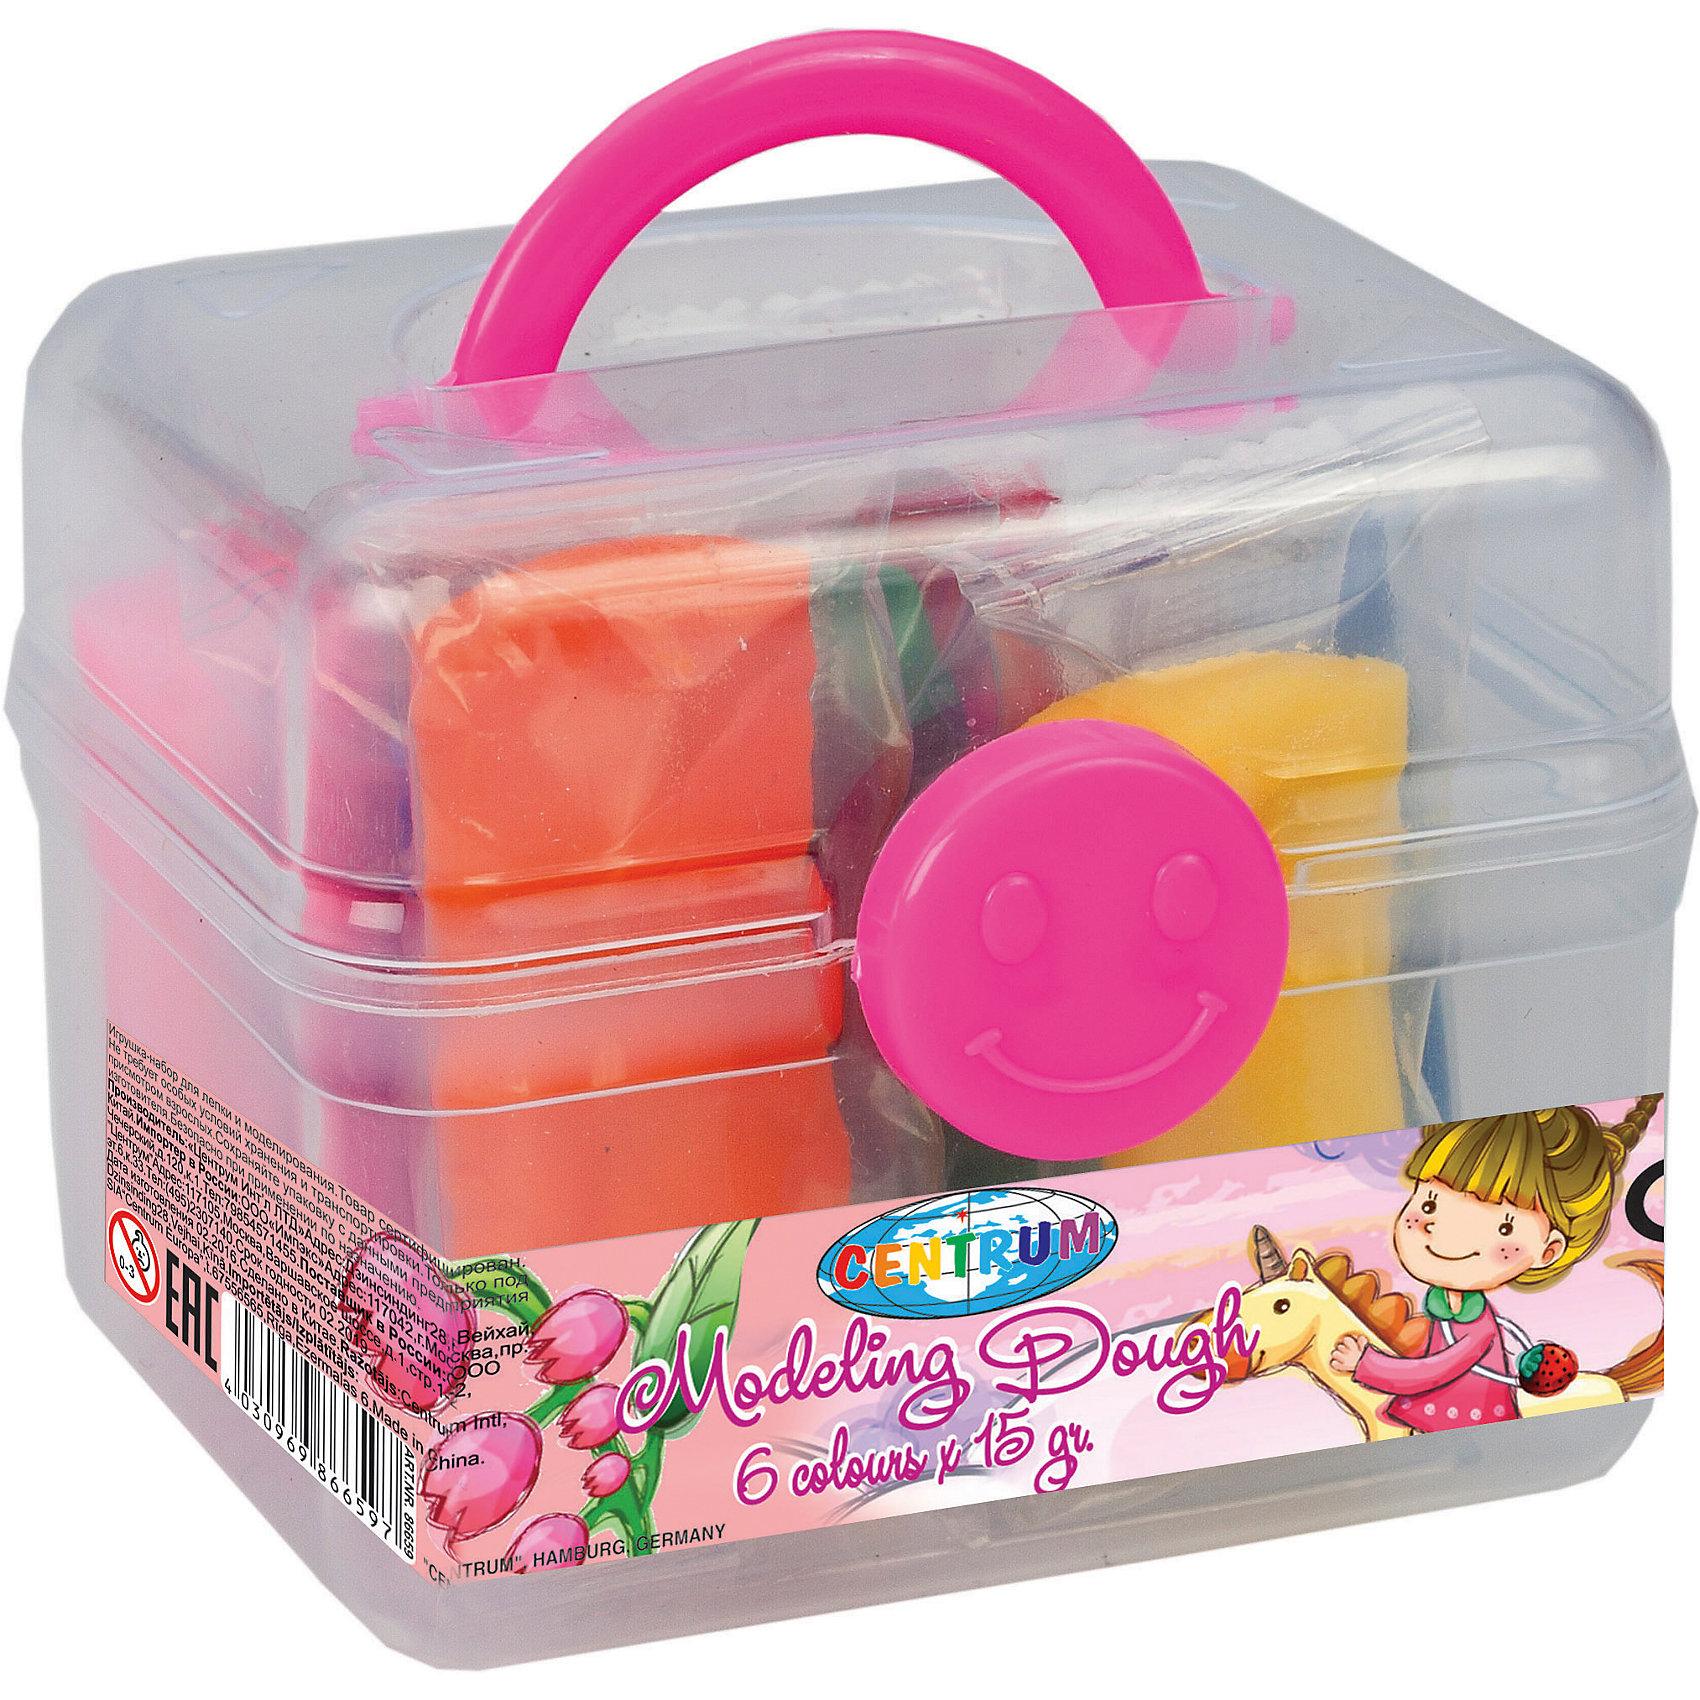 Тесто для лепки Девочка 6 цветов * 15 гЛепка<br>Тесто для лепки Девочка 6 цветов * 15 г<br><br>Характеристики:<br><br>- в набор входит: чемоданчик, 6 цветов теста по 15 гр.<br>- состав: пластик, тесто: вода, мука, масло. <br>- формат: 9 * 7,5 * 7 см.<br>- вес: 150 гр.<br>- для детей в возрасте: от 3 до 7 лет<br>- Страна производитель: Китай<br><br>Тесто для лепки в удобном чемоданчике Девочка придет по вкусу малышам и родителям. Компания Centrum (Центрум) специализируется на товарах для детского творчества и развития. Безопасный состав теста нетоксичен и безопасен для детей. Веселая девочка и яркие рисунки на чемоданчике понравятся девочкам. Яркие шесть цветов теста можно смешивать между собой и получать новые оттенки, что понравится юным творцам. После игры тесто можно хранить в практичном пластиковом чемоданчике из комплекта. Работа с тестом для лепки разрабатывает моторику рук, творческие способности, успокаивает, помогает развить аккуратность и внимание. <br><br>Тесто для лепки Девочка 6 цветов * 15 г можно купить в нашем интернет-магазине.<br><br>Ширина мм: 75<br>Глубина мм: 90<br>Высота мм: 70<br>Вес г: 150<br>Возраст от месяцев: 36<br>Возраст до месяцев: 120<br>Пол: Женский<br>Возраст: Детский<br>SKU: 5175487